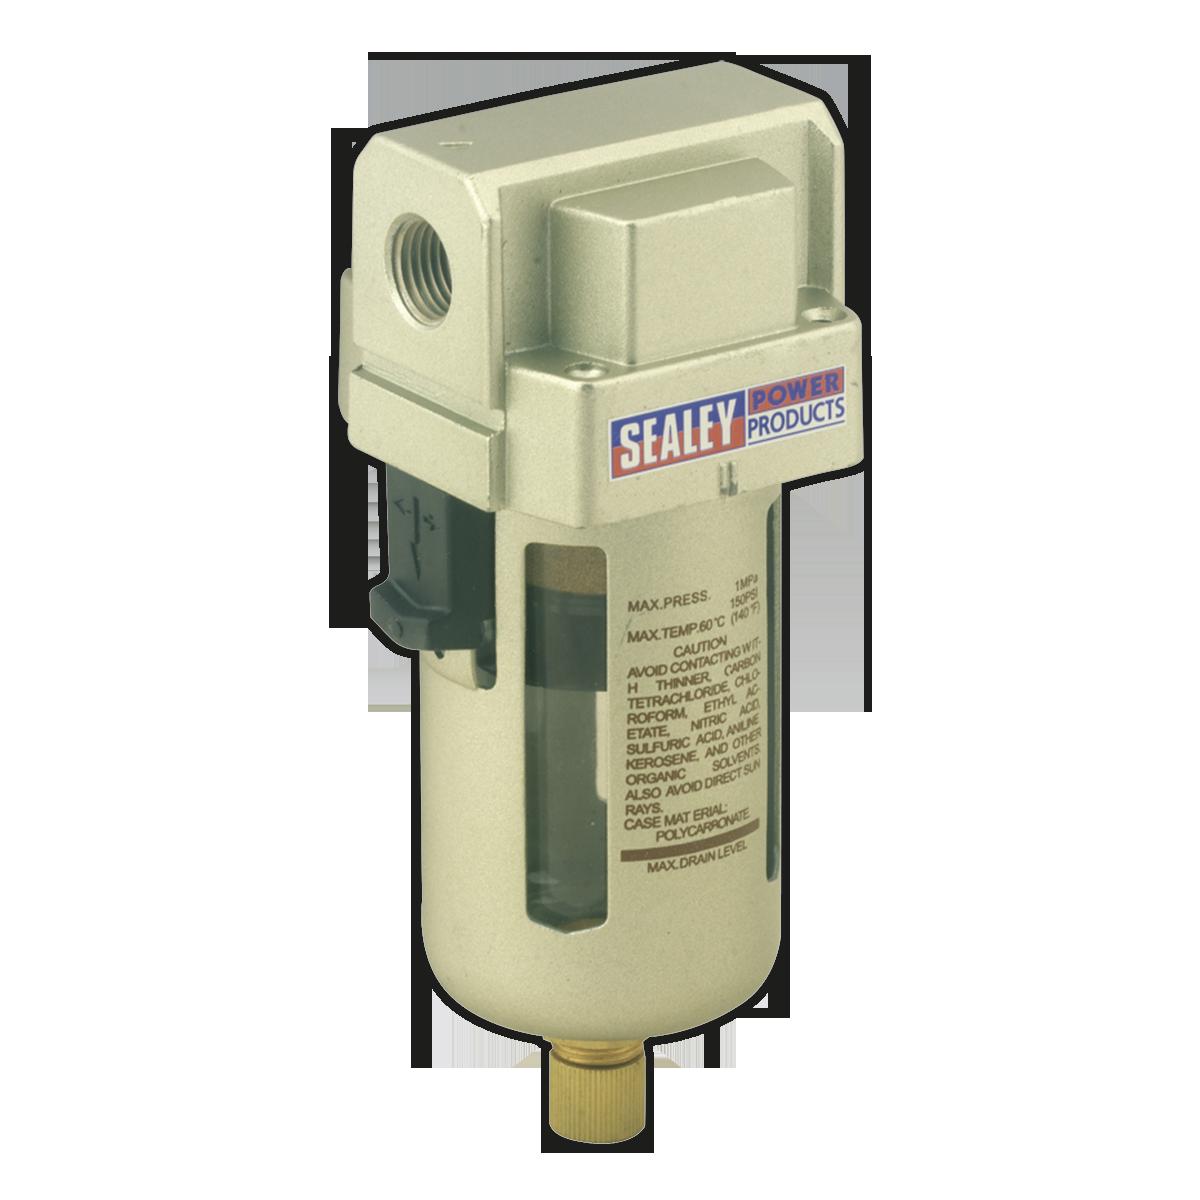 Air Filter Max Airflow 53cfm